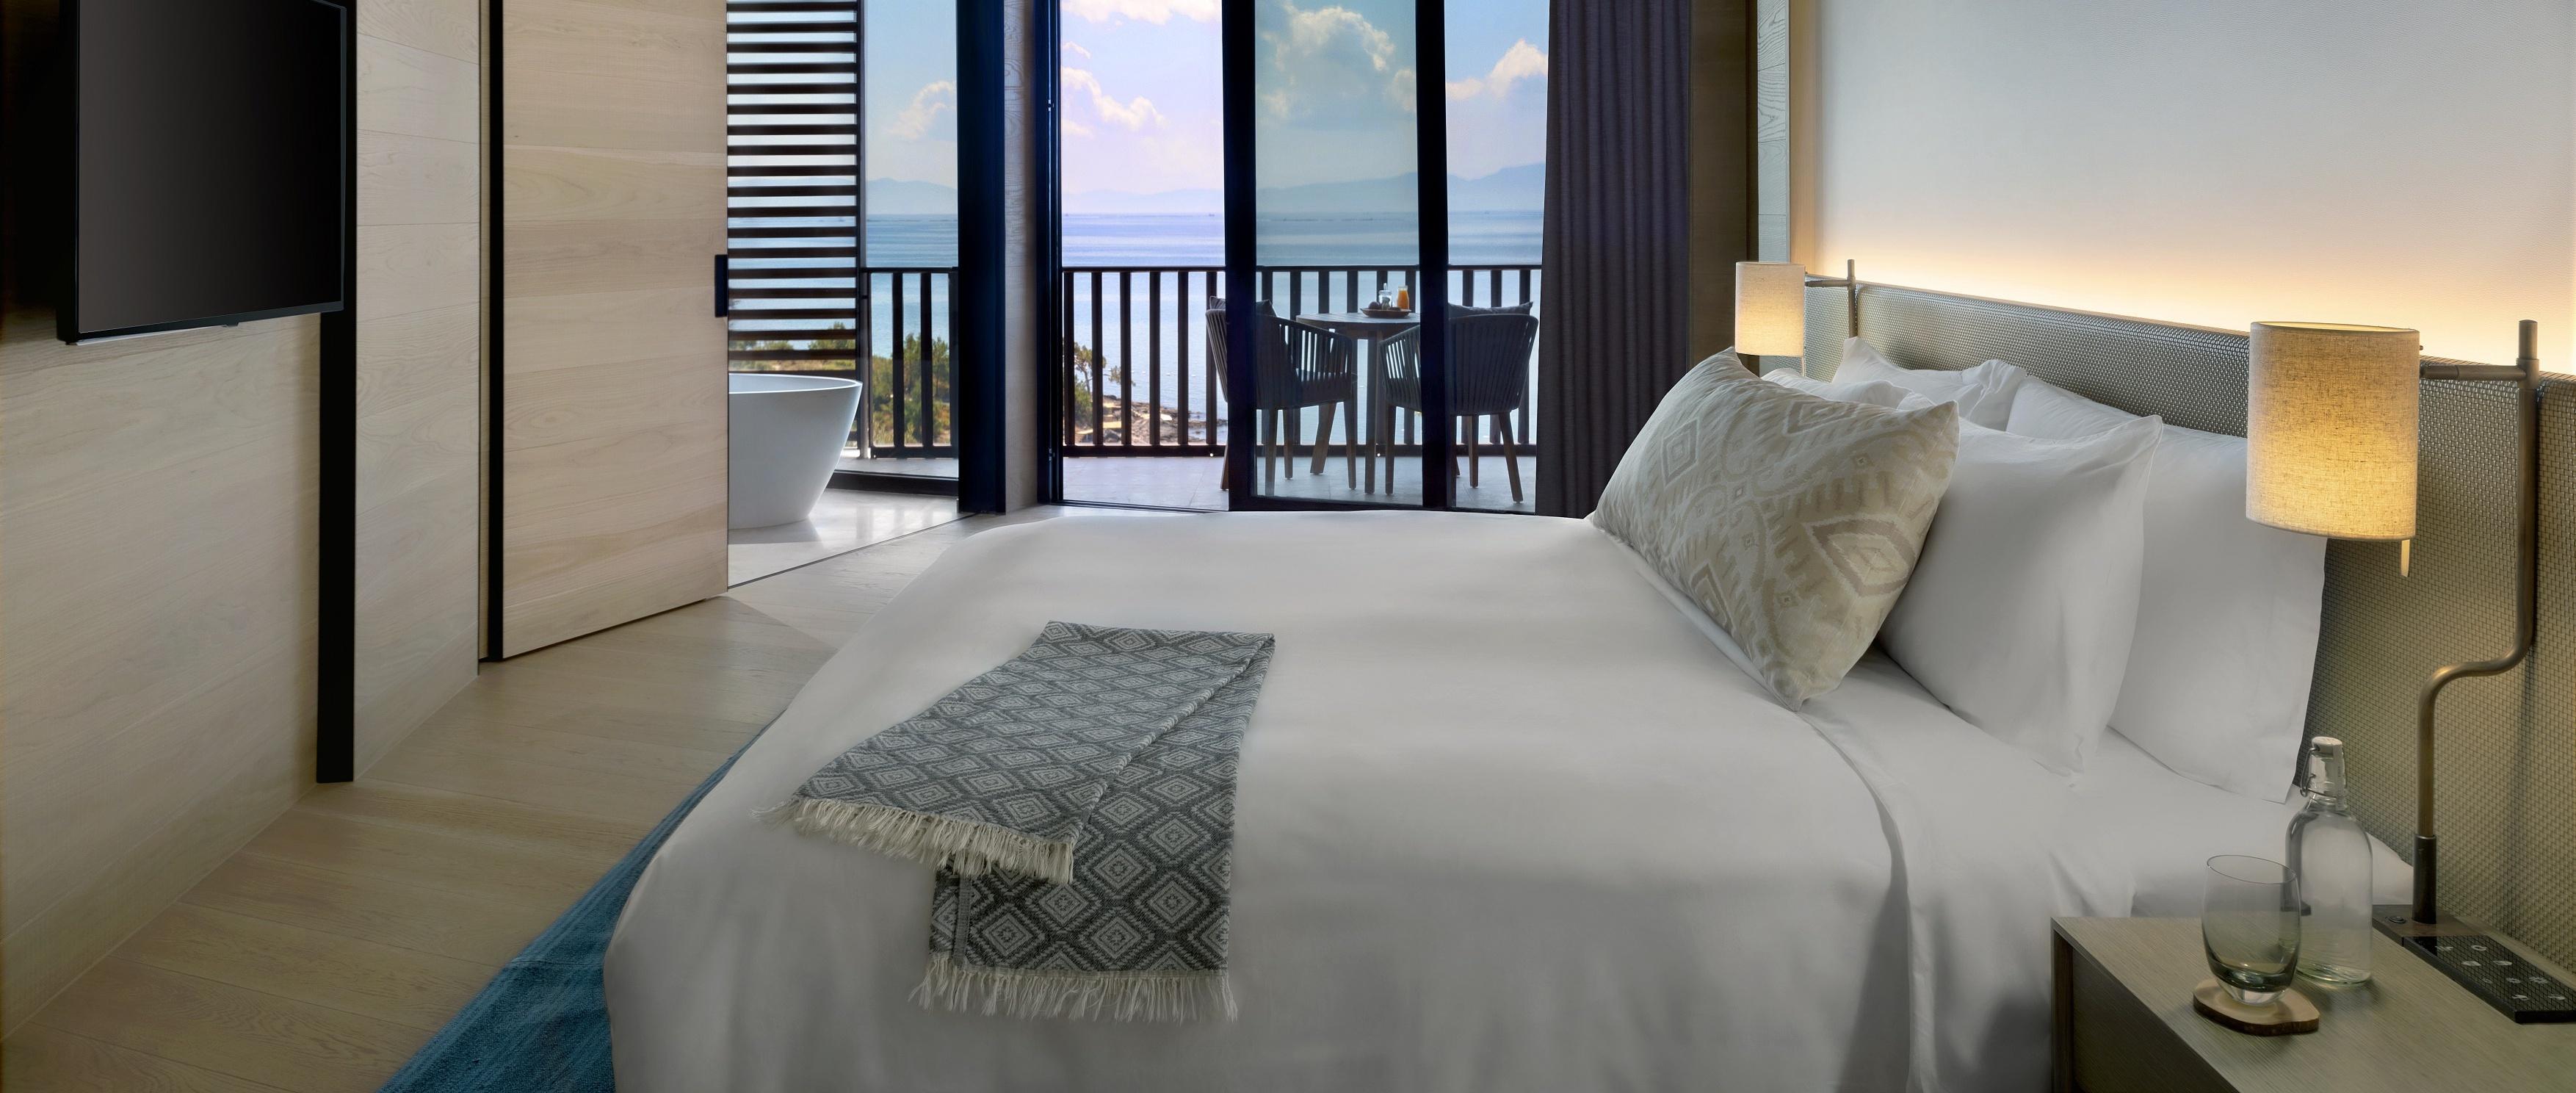 Seaview_Deluxe_Room